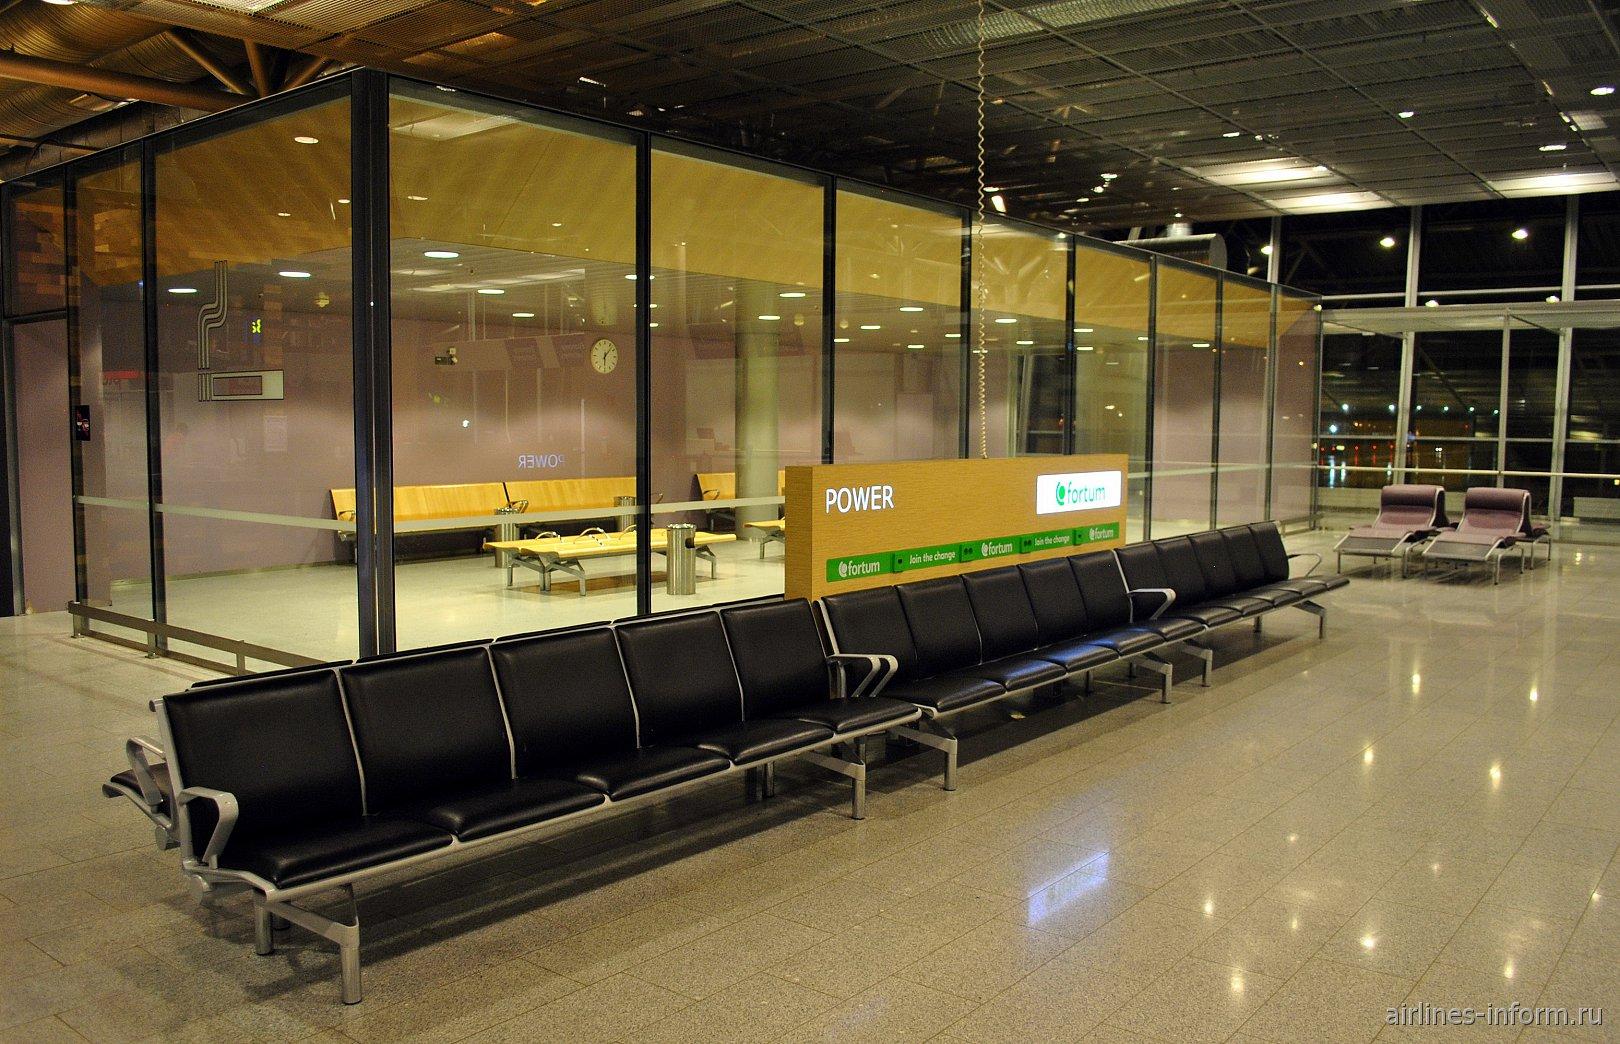 Курительная комната и спальные места в терминале Т2 аэропорта Хельсинки Вантаа